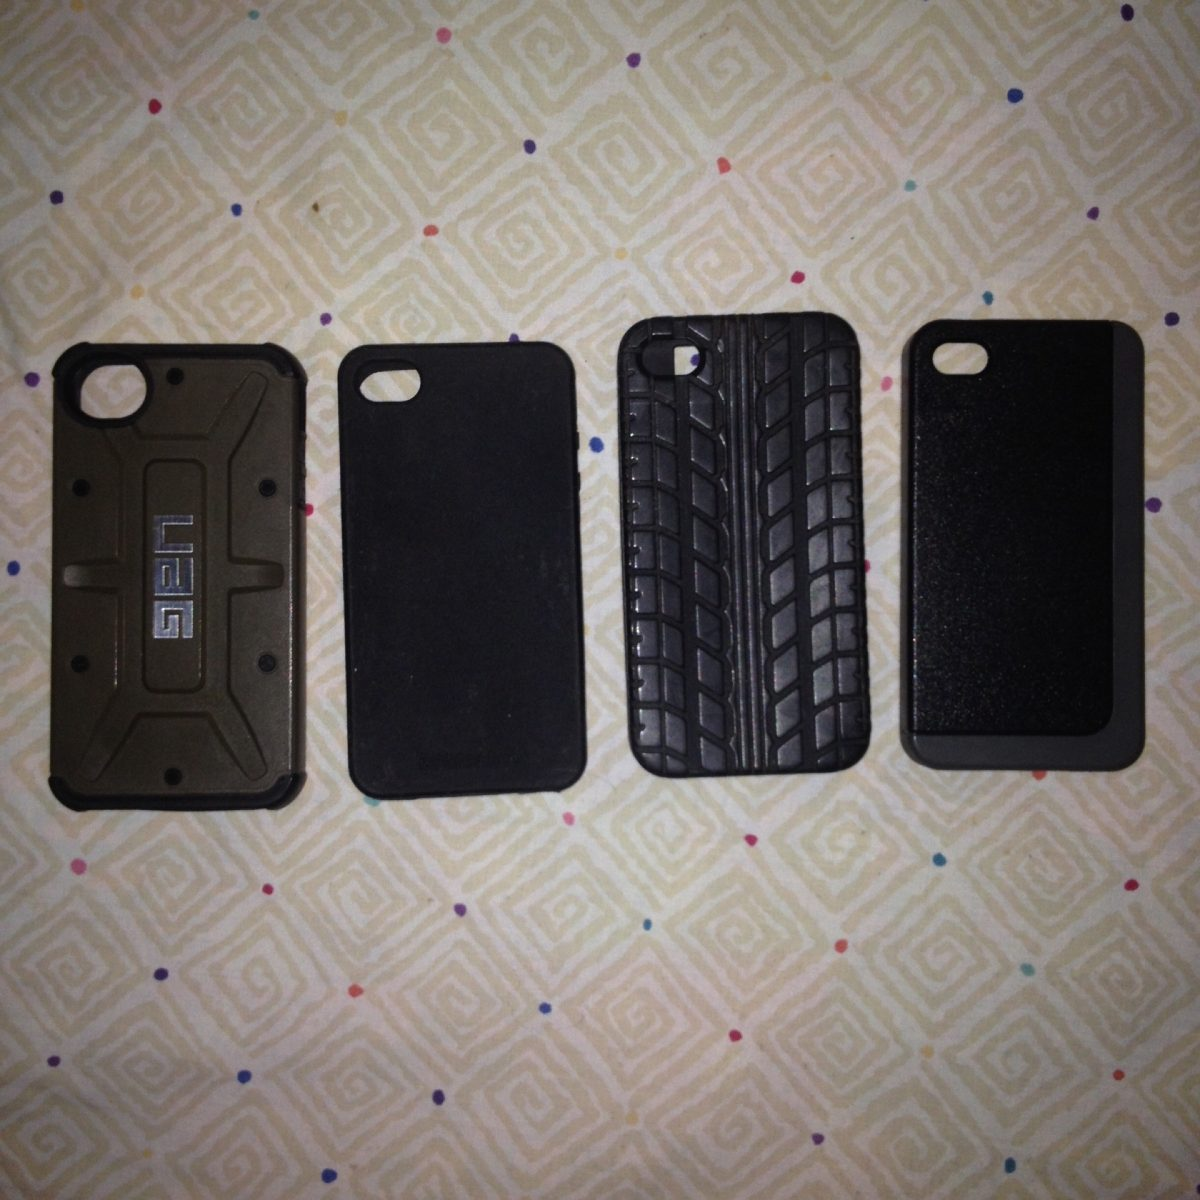 cc0af7e6ad9 líquido fundas iphone 4 4s rígidas/silicona precio x unidad. Cargando zoom.